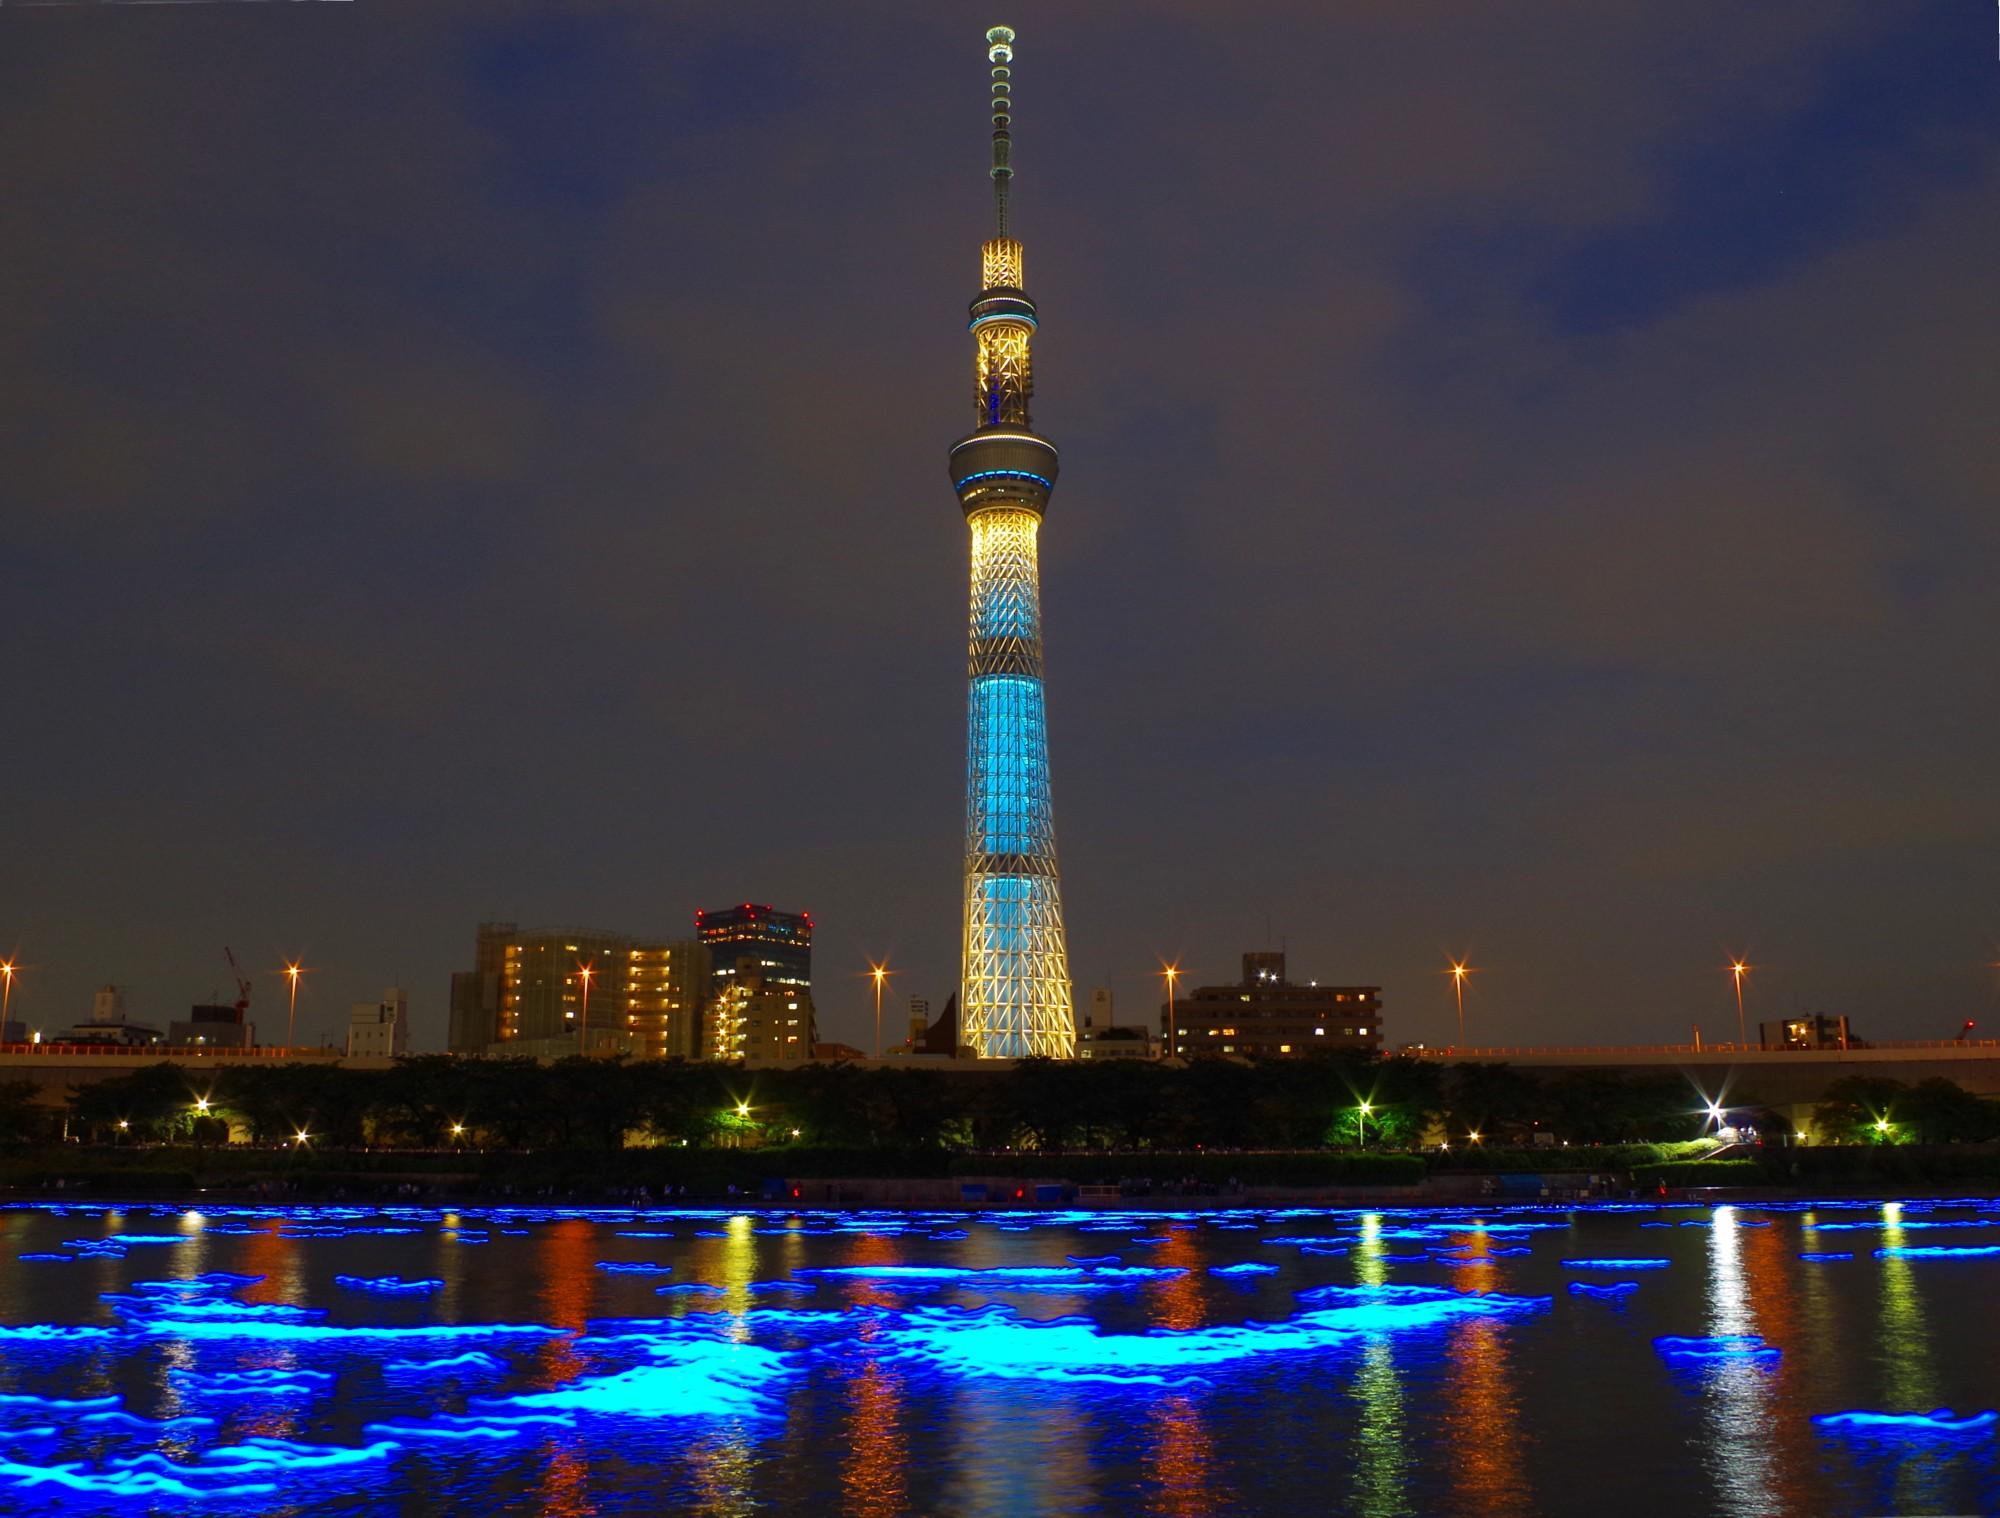 夜デートにおすすめ!仕事帰りでも行ける東京都内デートスポット21選のサムネイル画像